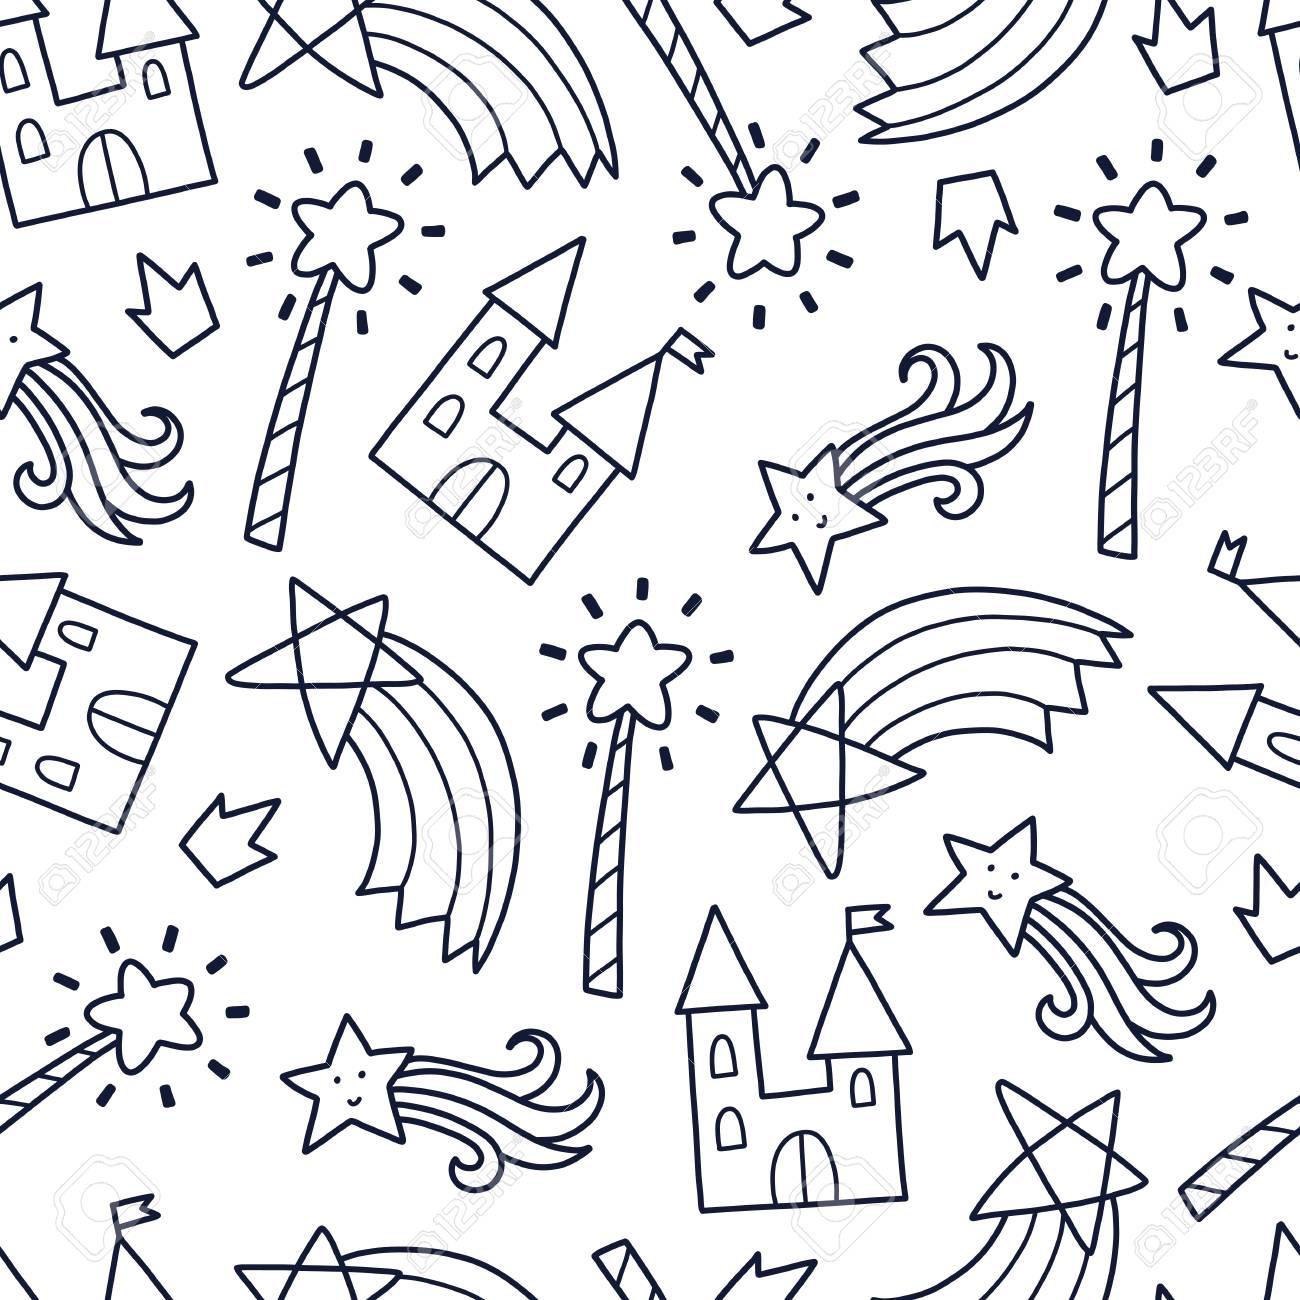 落書きかわいいシームレス パターン モノクロのベクトルの背景 城 魔法の杖 虹のイラスト T シャツ 繊維 印刷 デザインします のイラスト素材 ベクタ Image